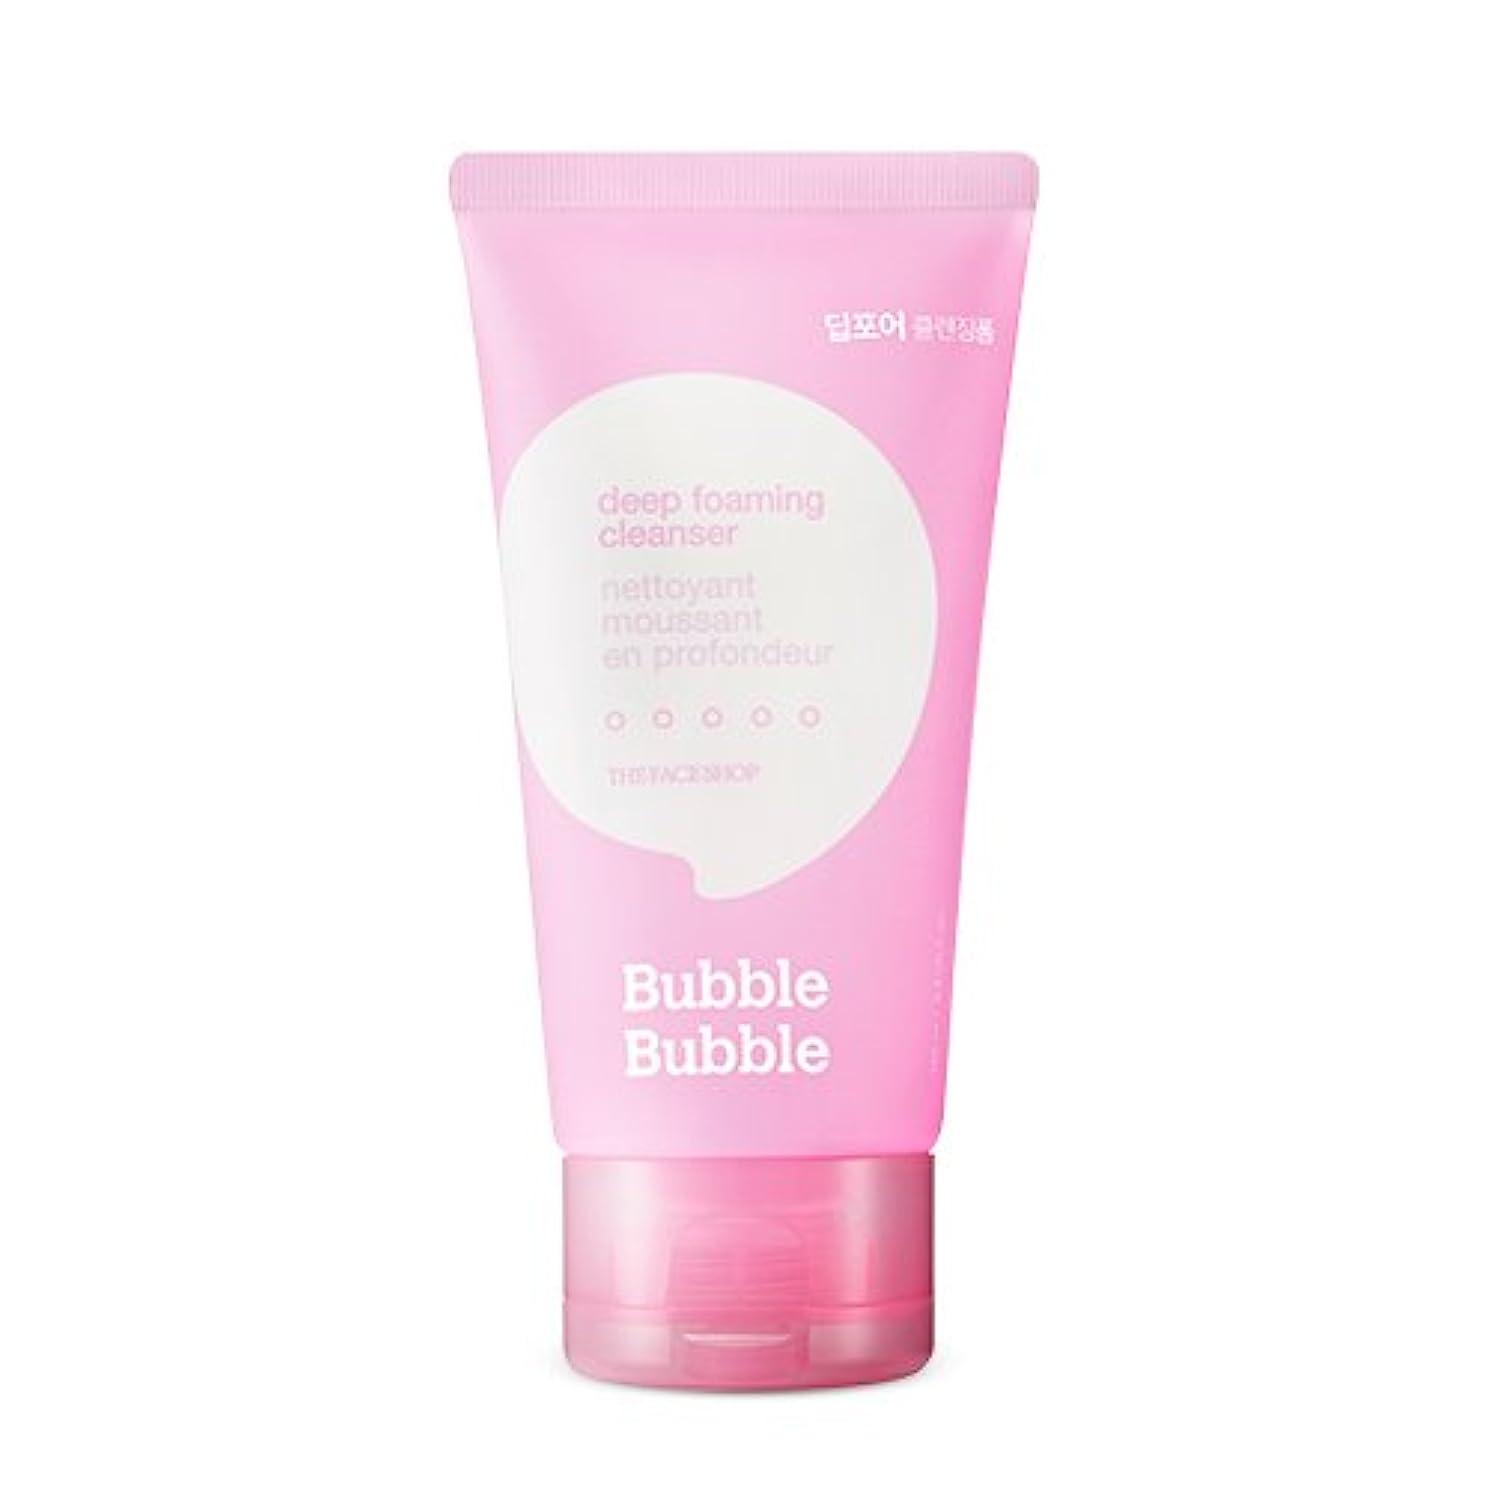 歌櫛不完全なTHE FACE SHOP Bubble Bubble Foaming Cleanser 100ml/ザフェイスショップ バブル バブル フォーミング クレンザー 100ml (#Deep(ディープポア)) [並行輸入品]